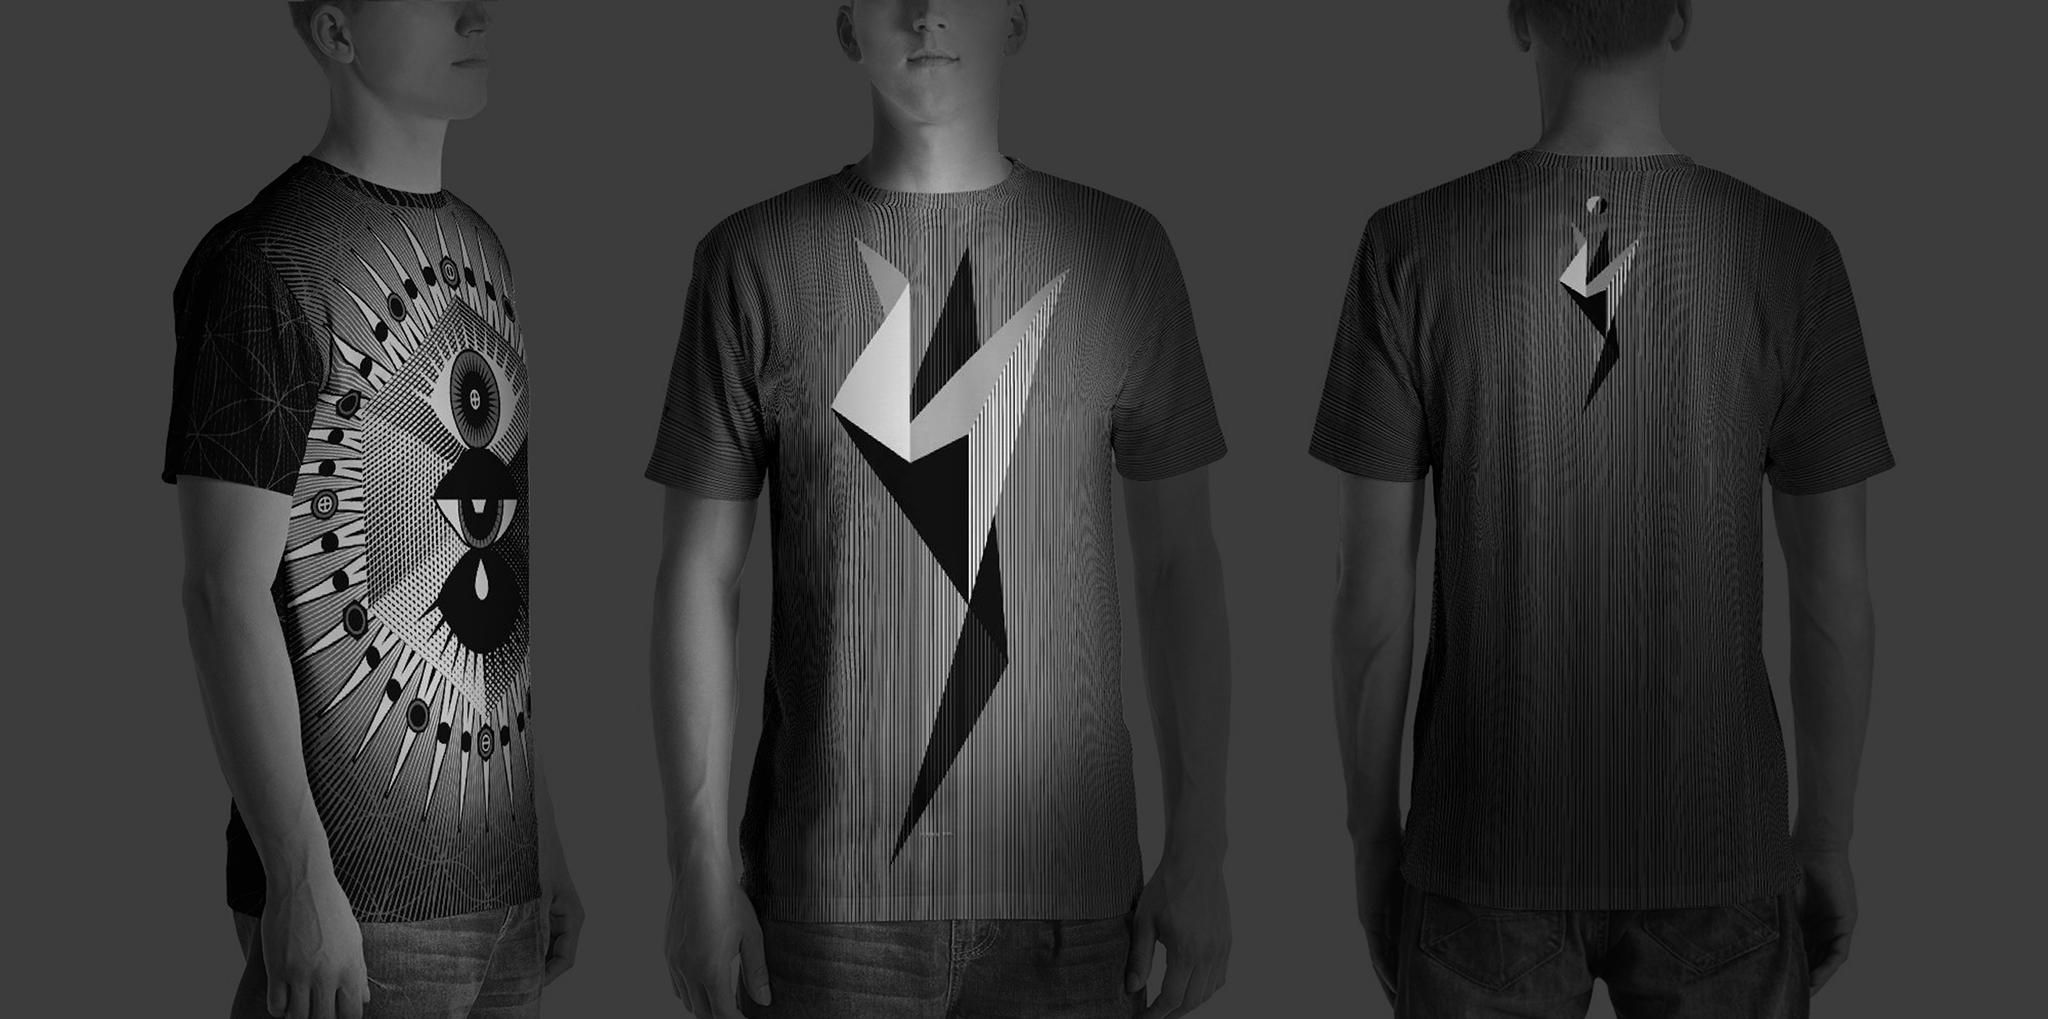 Enlightened_Tee_designs-Original_Unique_Mens_T-Shirts-PLANE-T-S.jpg